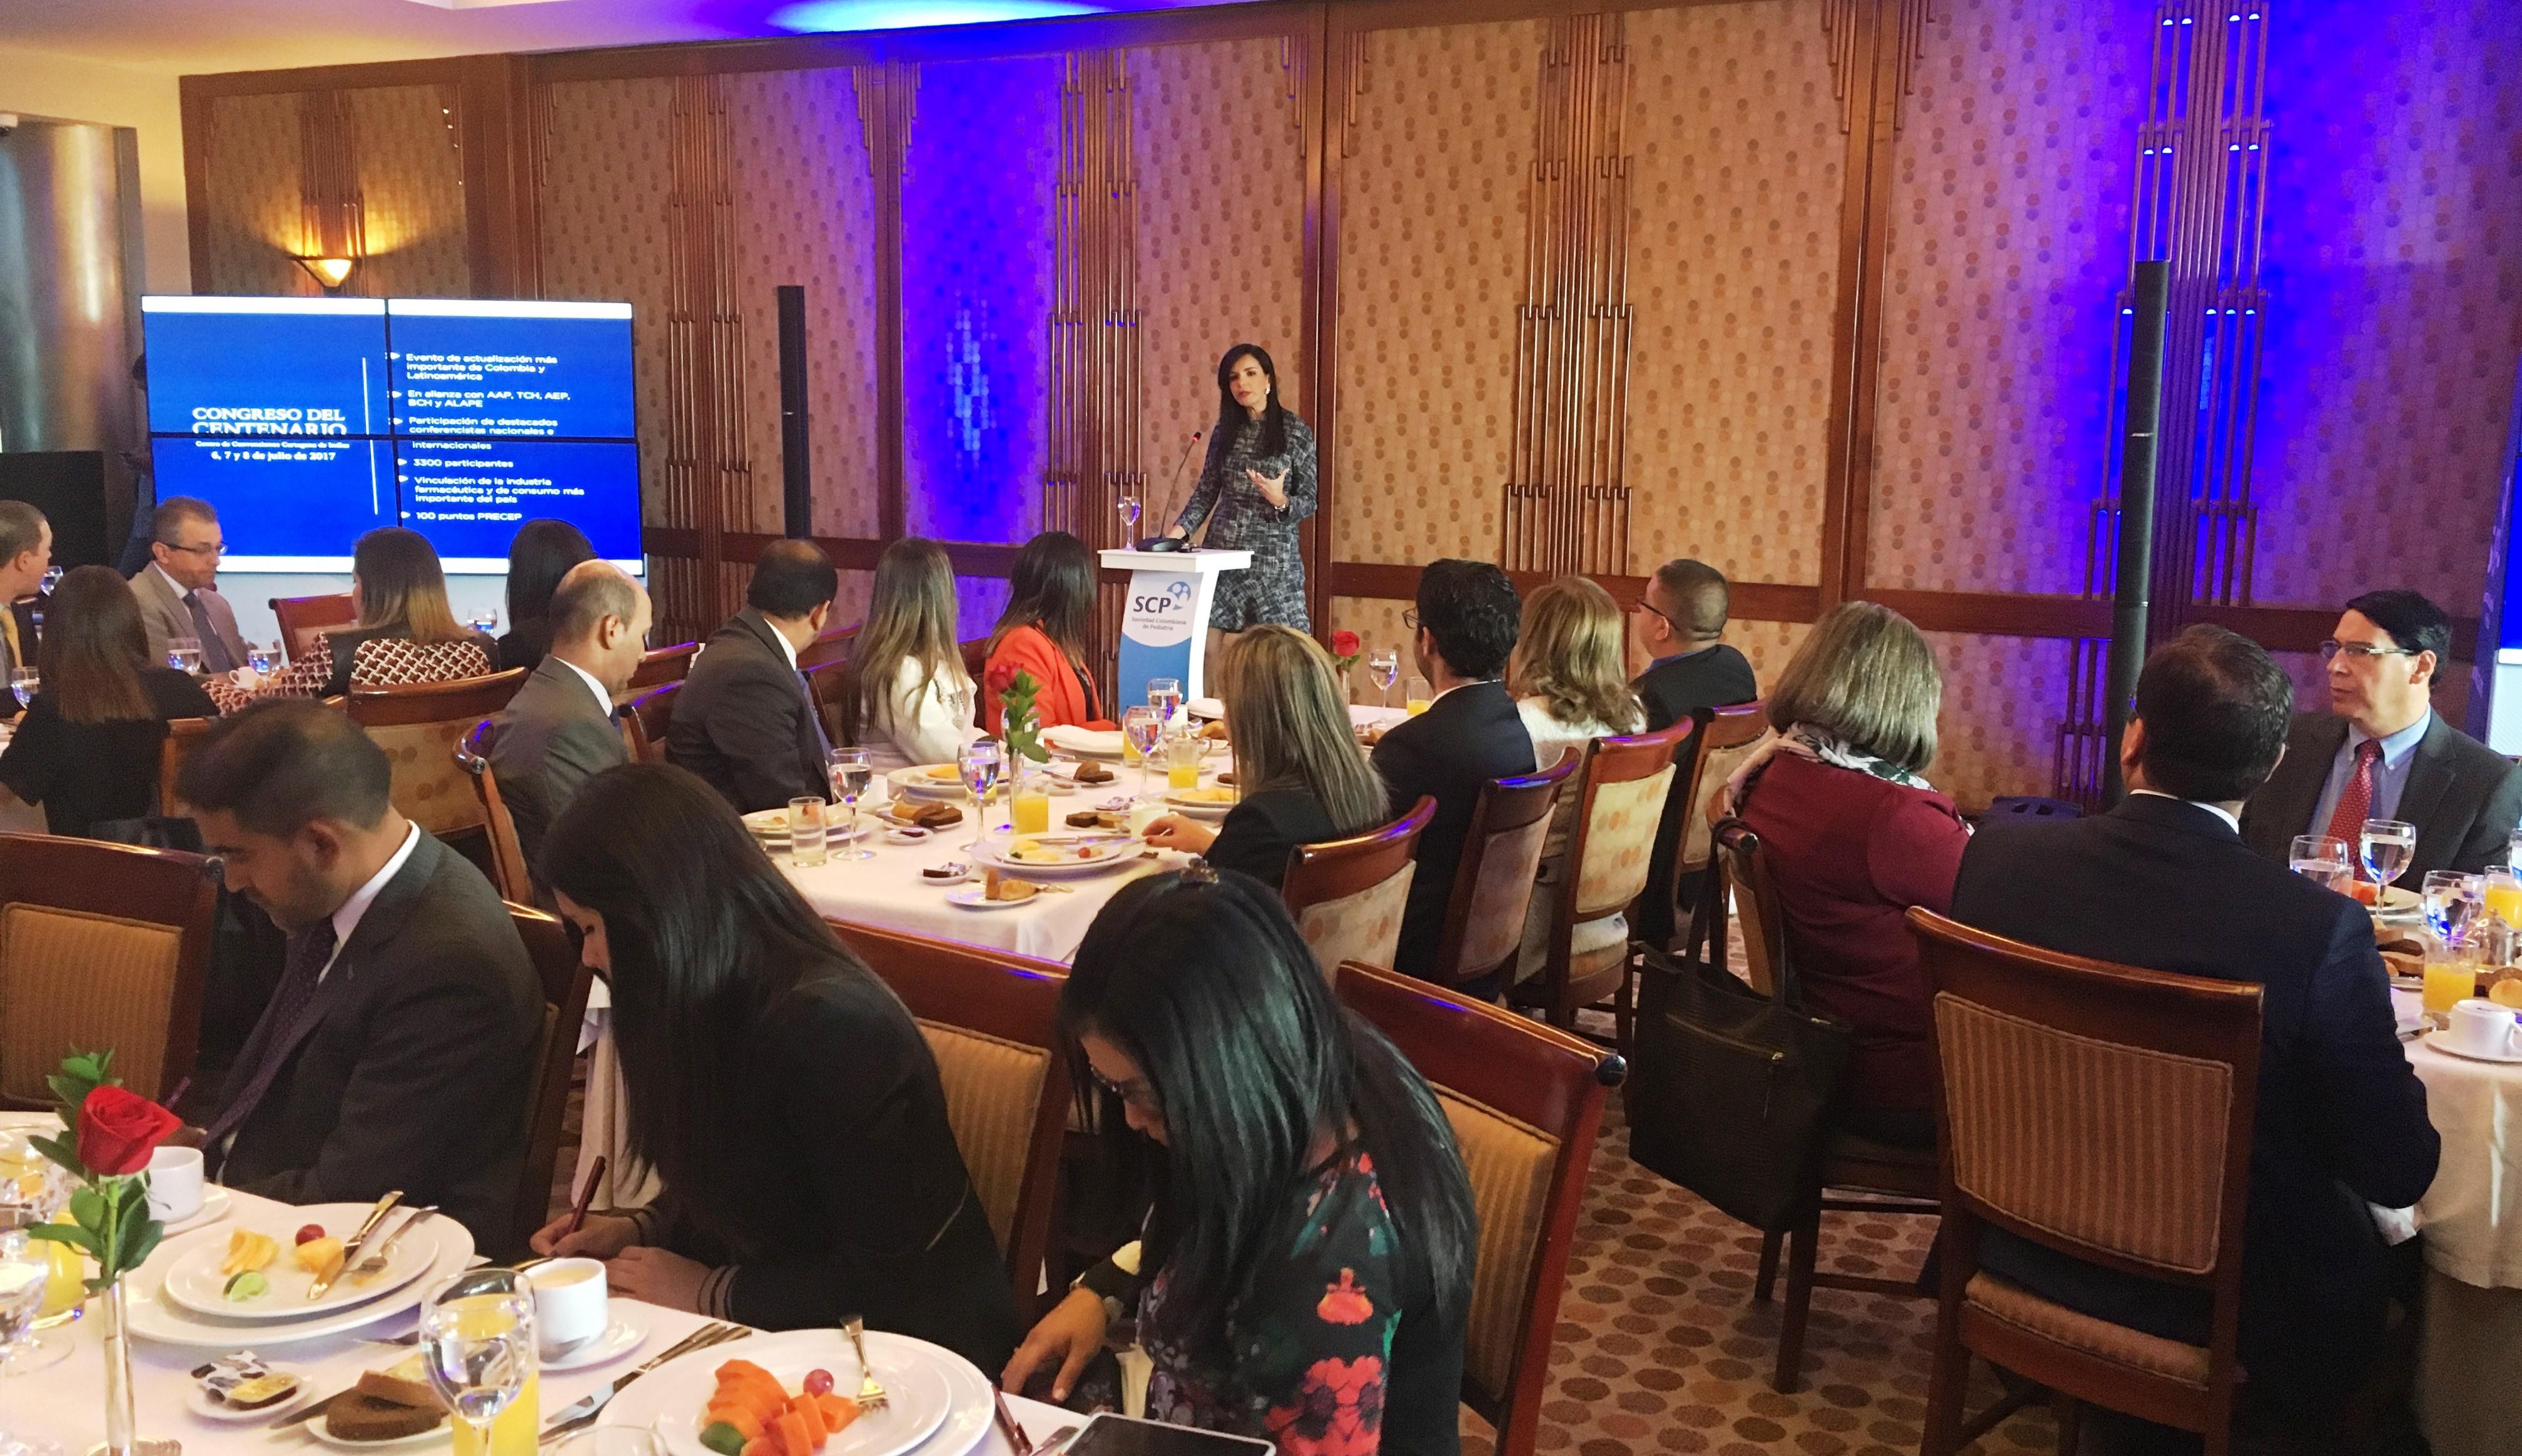 Lanzamiento del Plan de Actividades SCP 2017 a la industria nacional